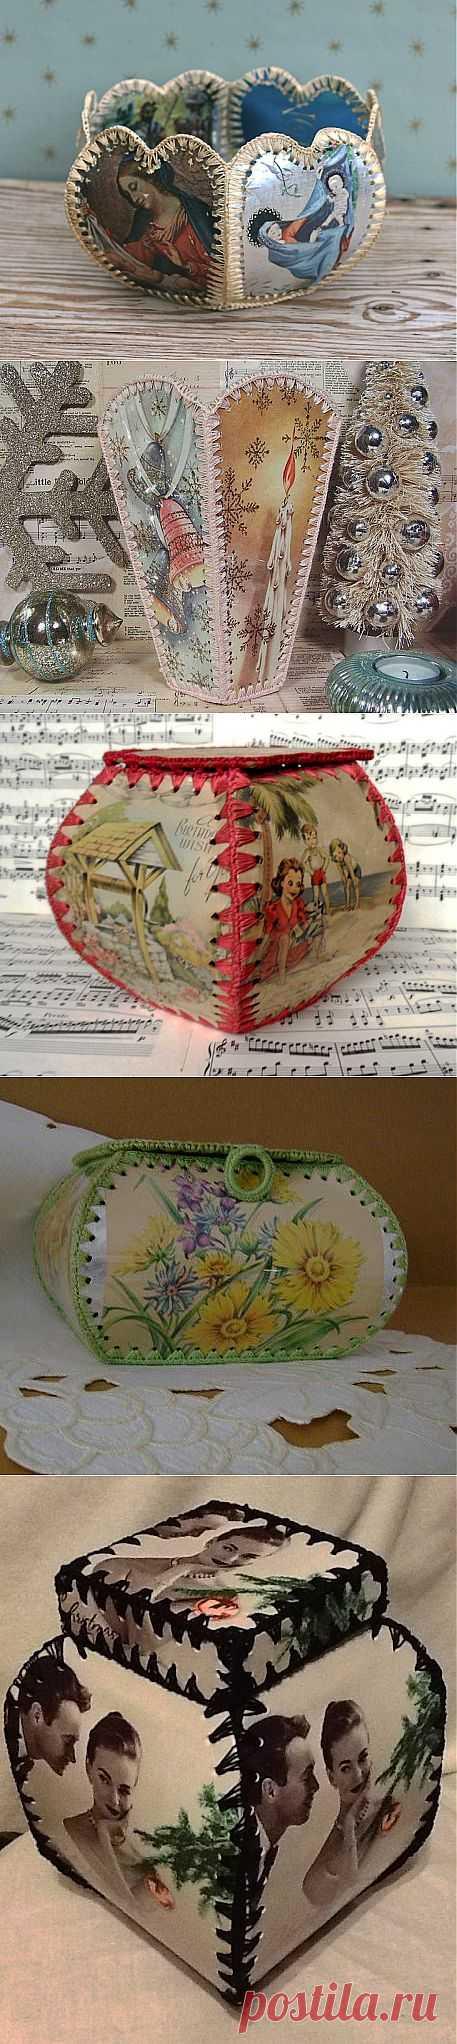 Поделка из открыток вазочка, рождеством открытки стихами